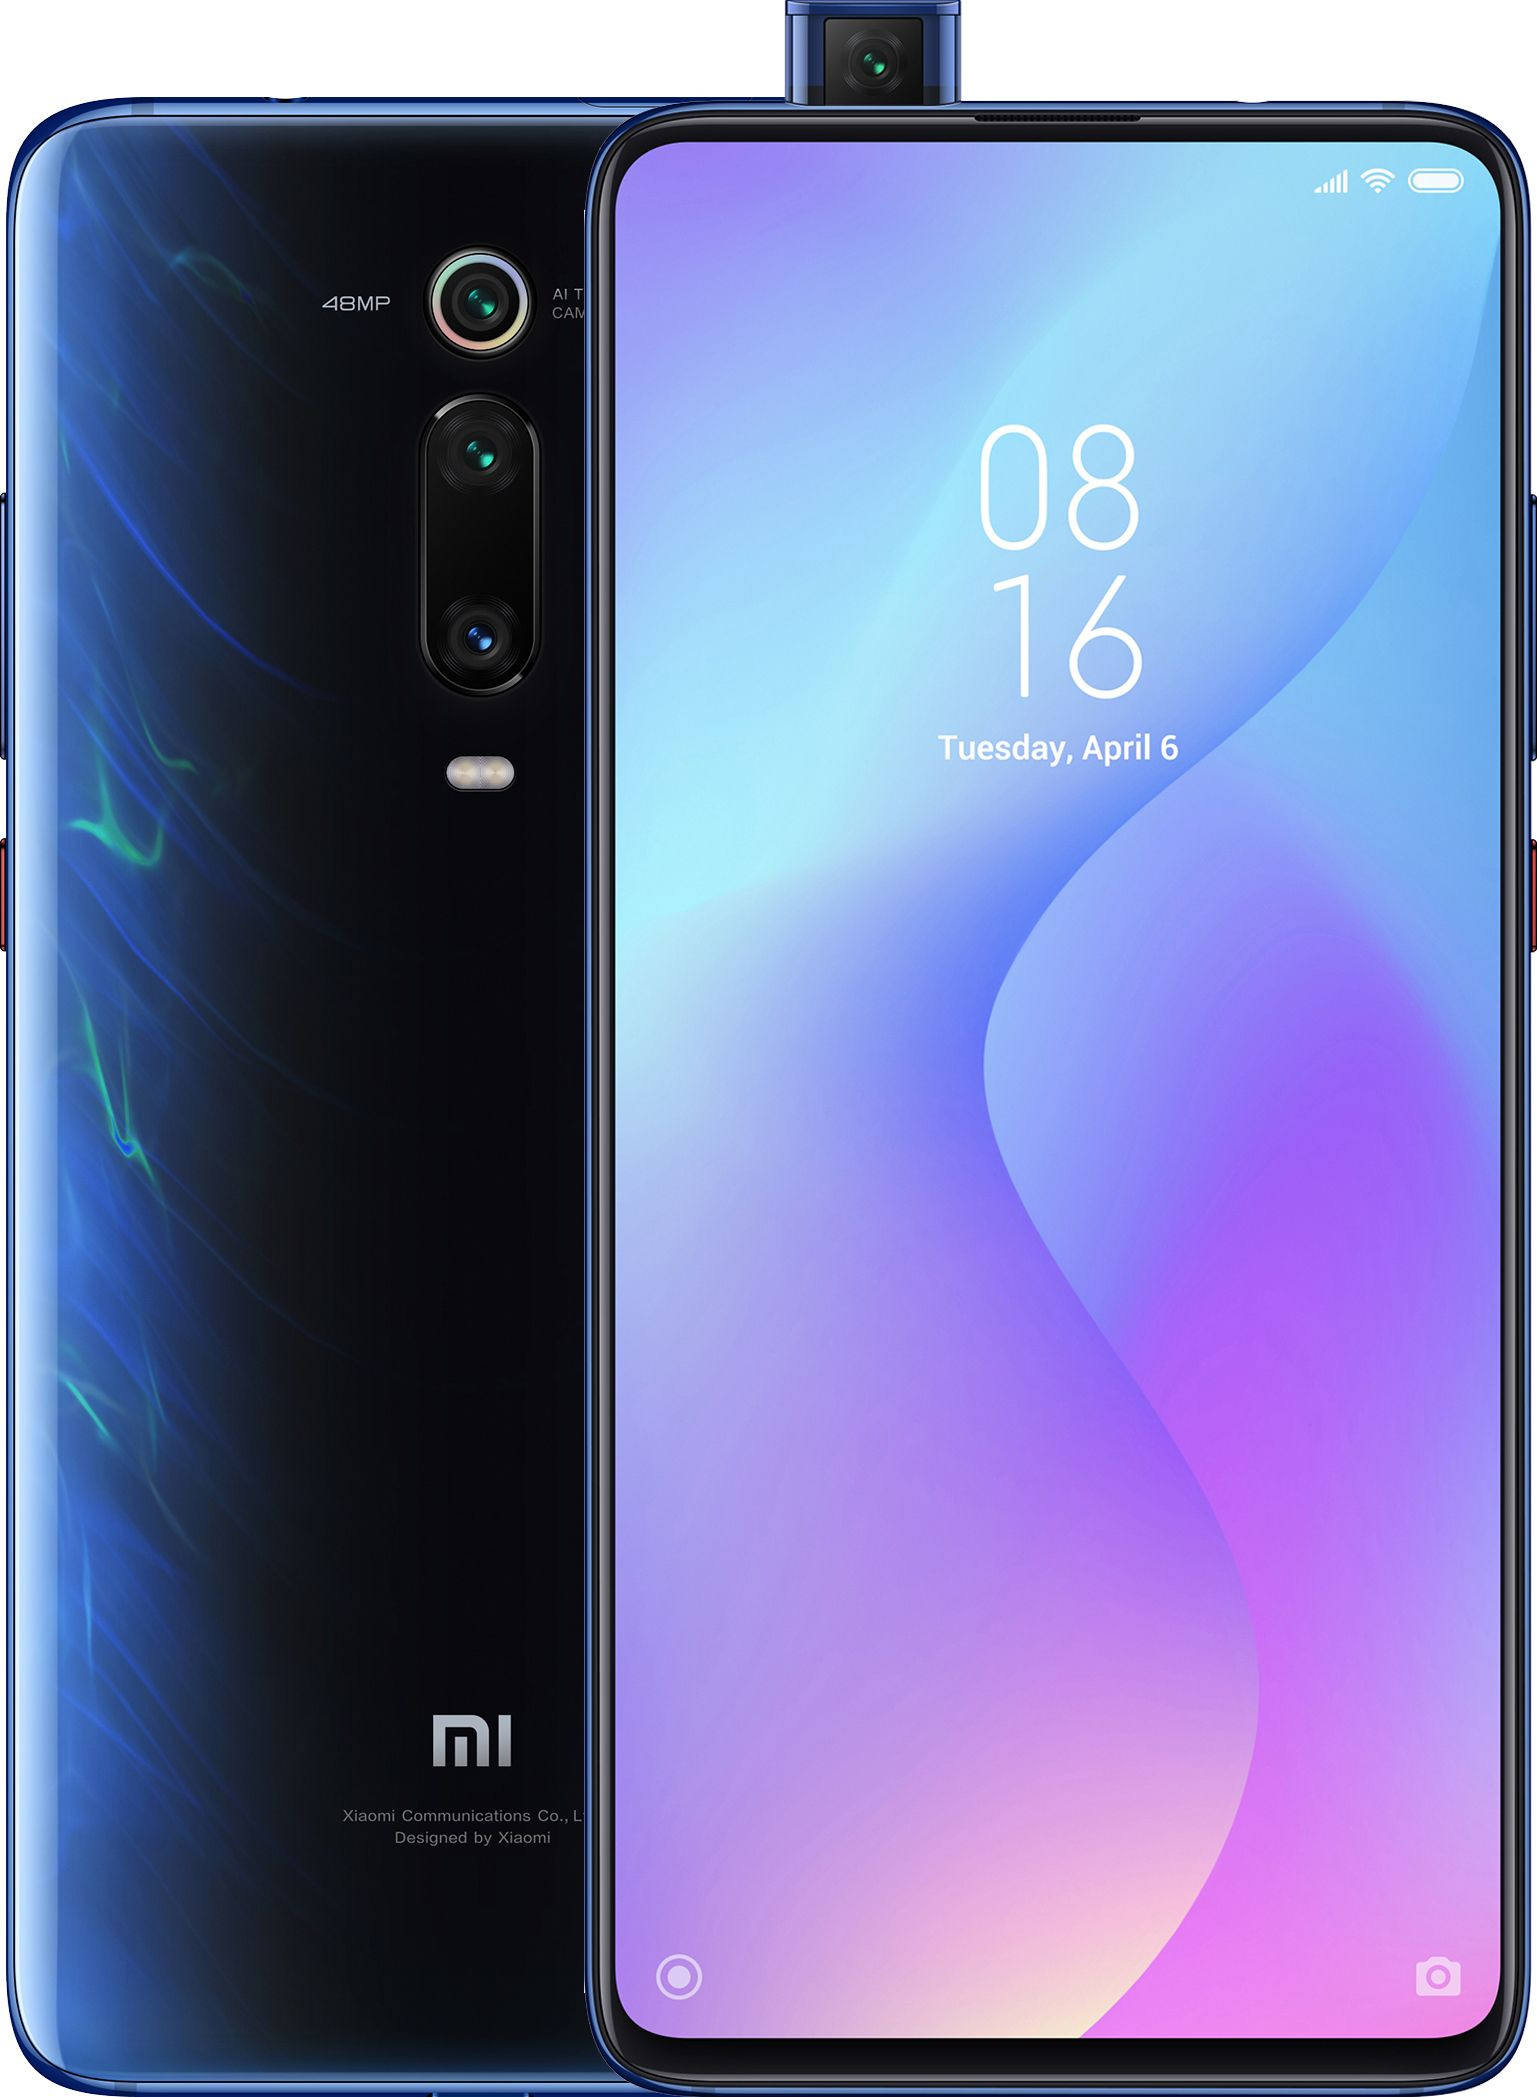 Xiaomi MI 9T Dual SIM - 128GB, 6GB RAM- Global Versia Glacier Blue